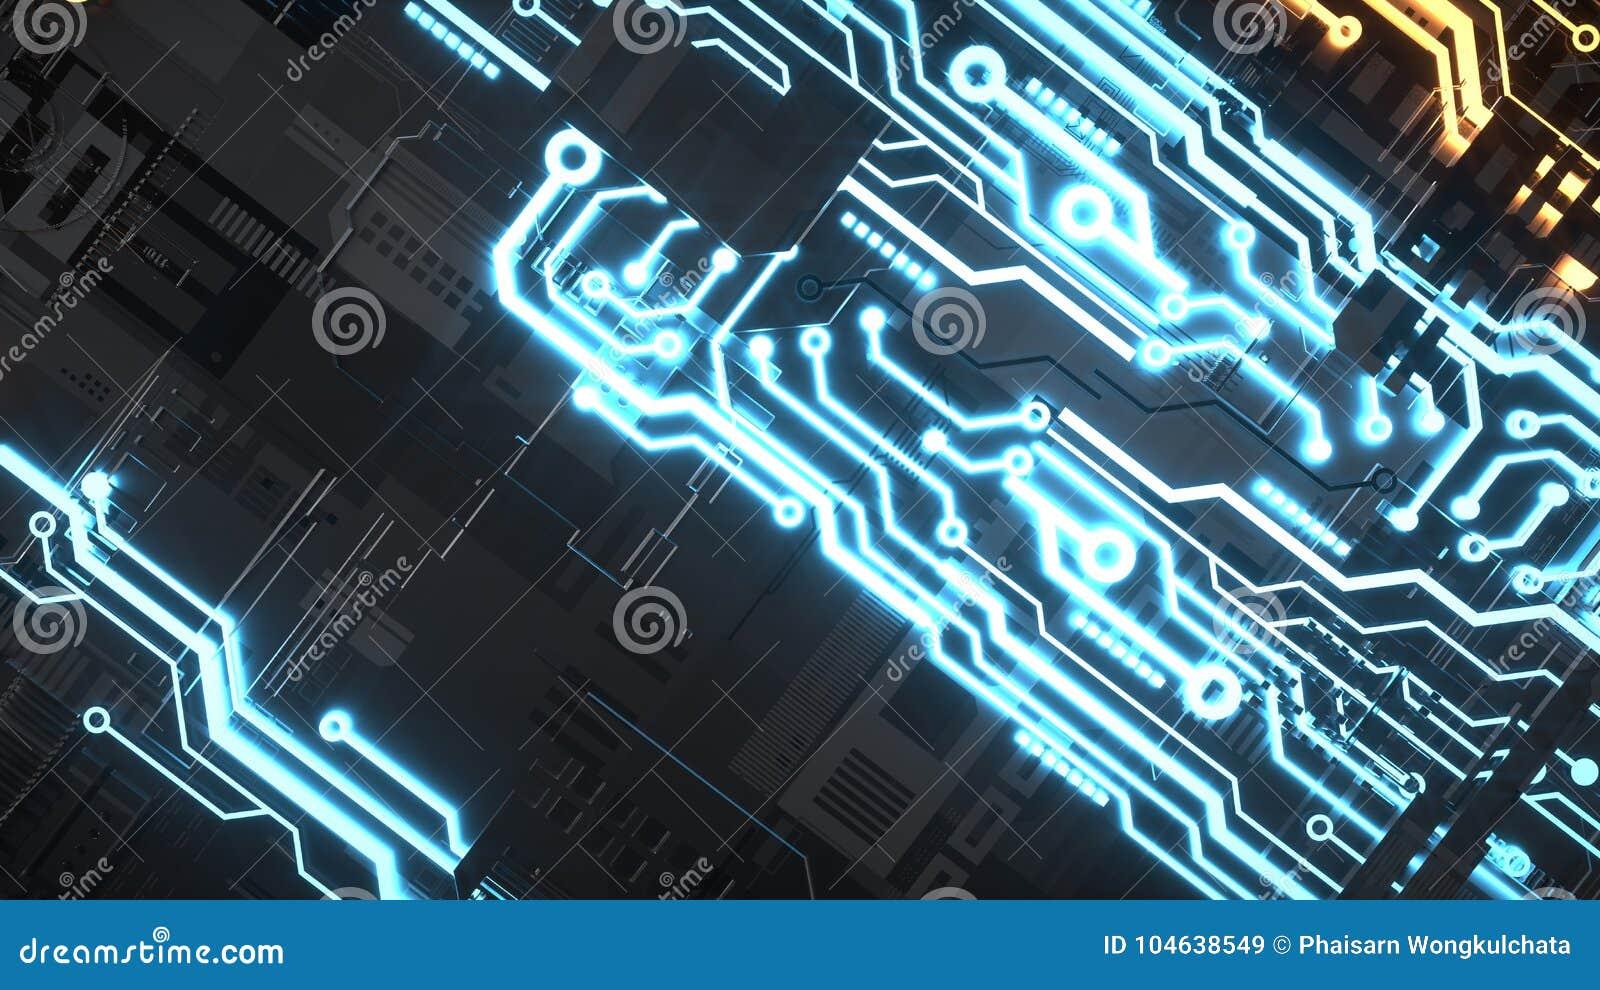 Download Elektronisch Schakelschema Met Goud Op Zwarte Achtergrond Stock Illustratie - Illustratie bestaande uit digitaal, abstractie: 104638549